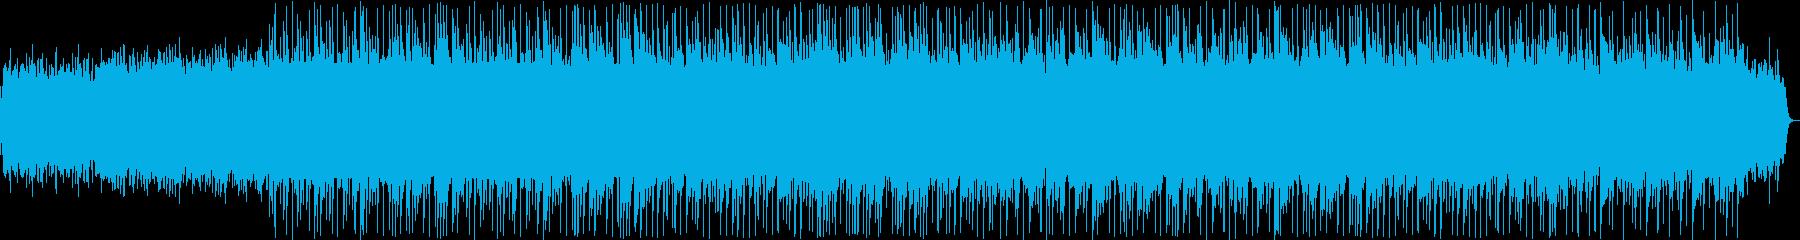 優しく明るい和風BGMの再生済みの波形